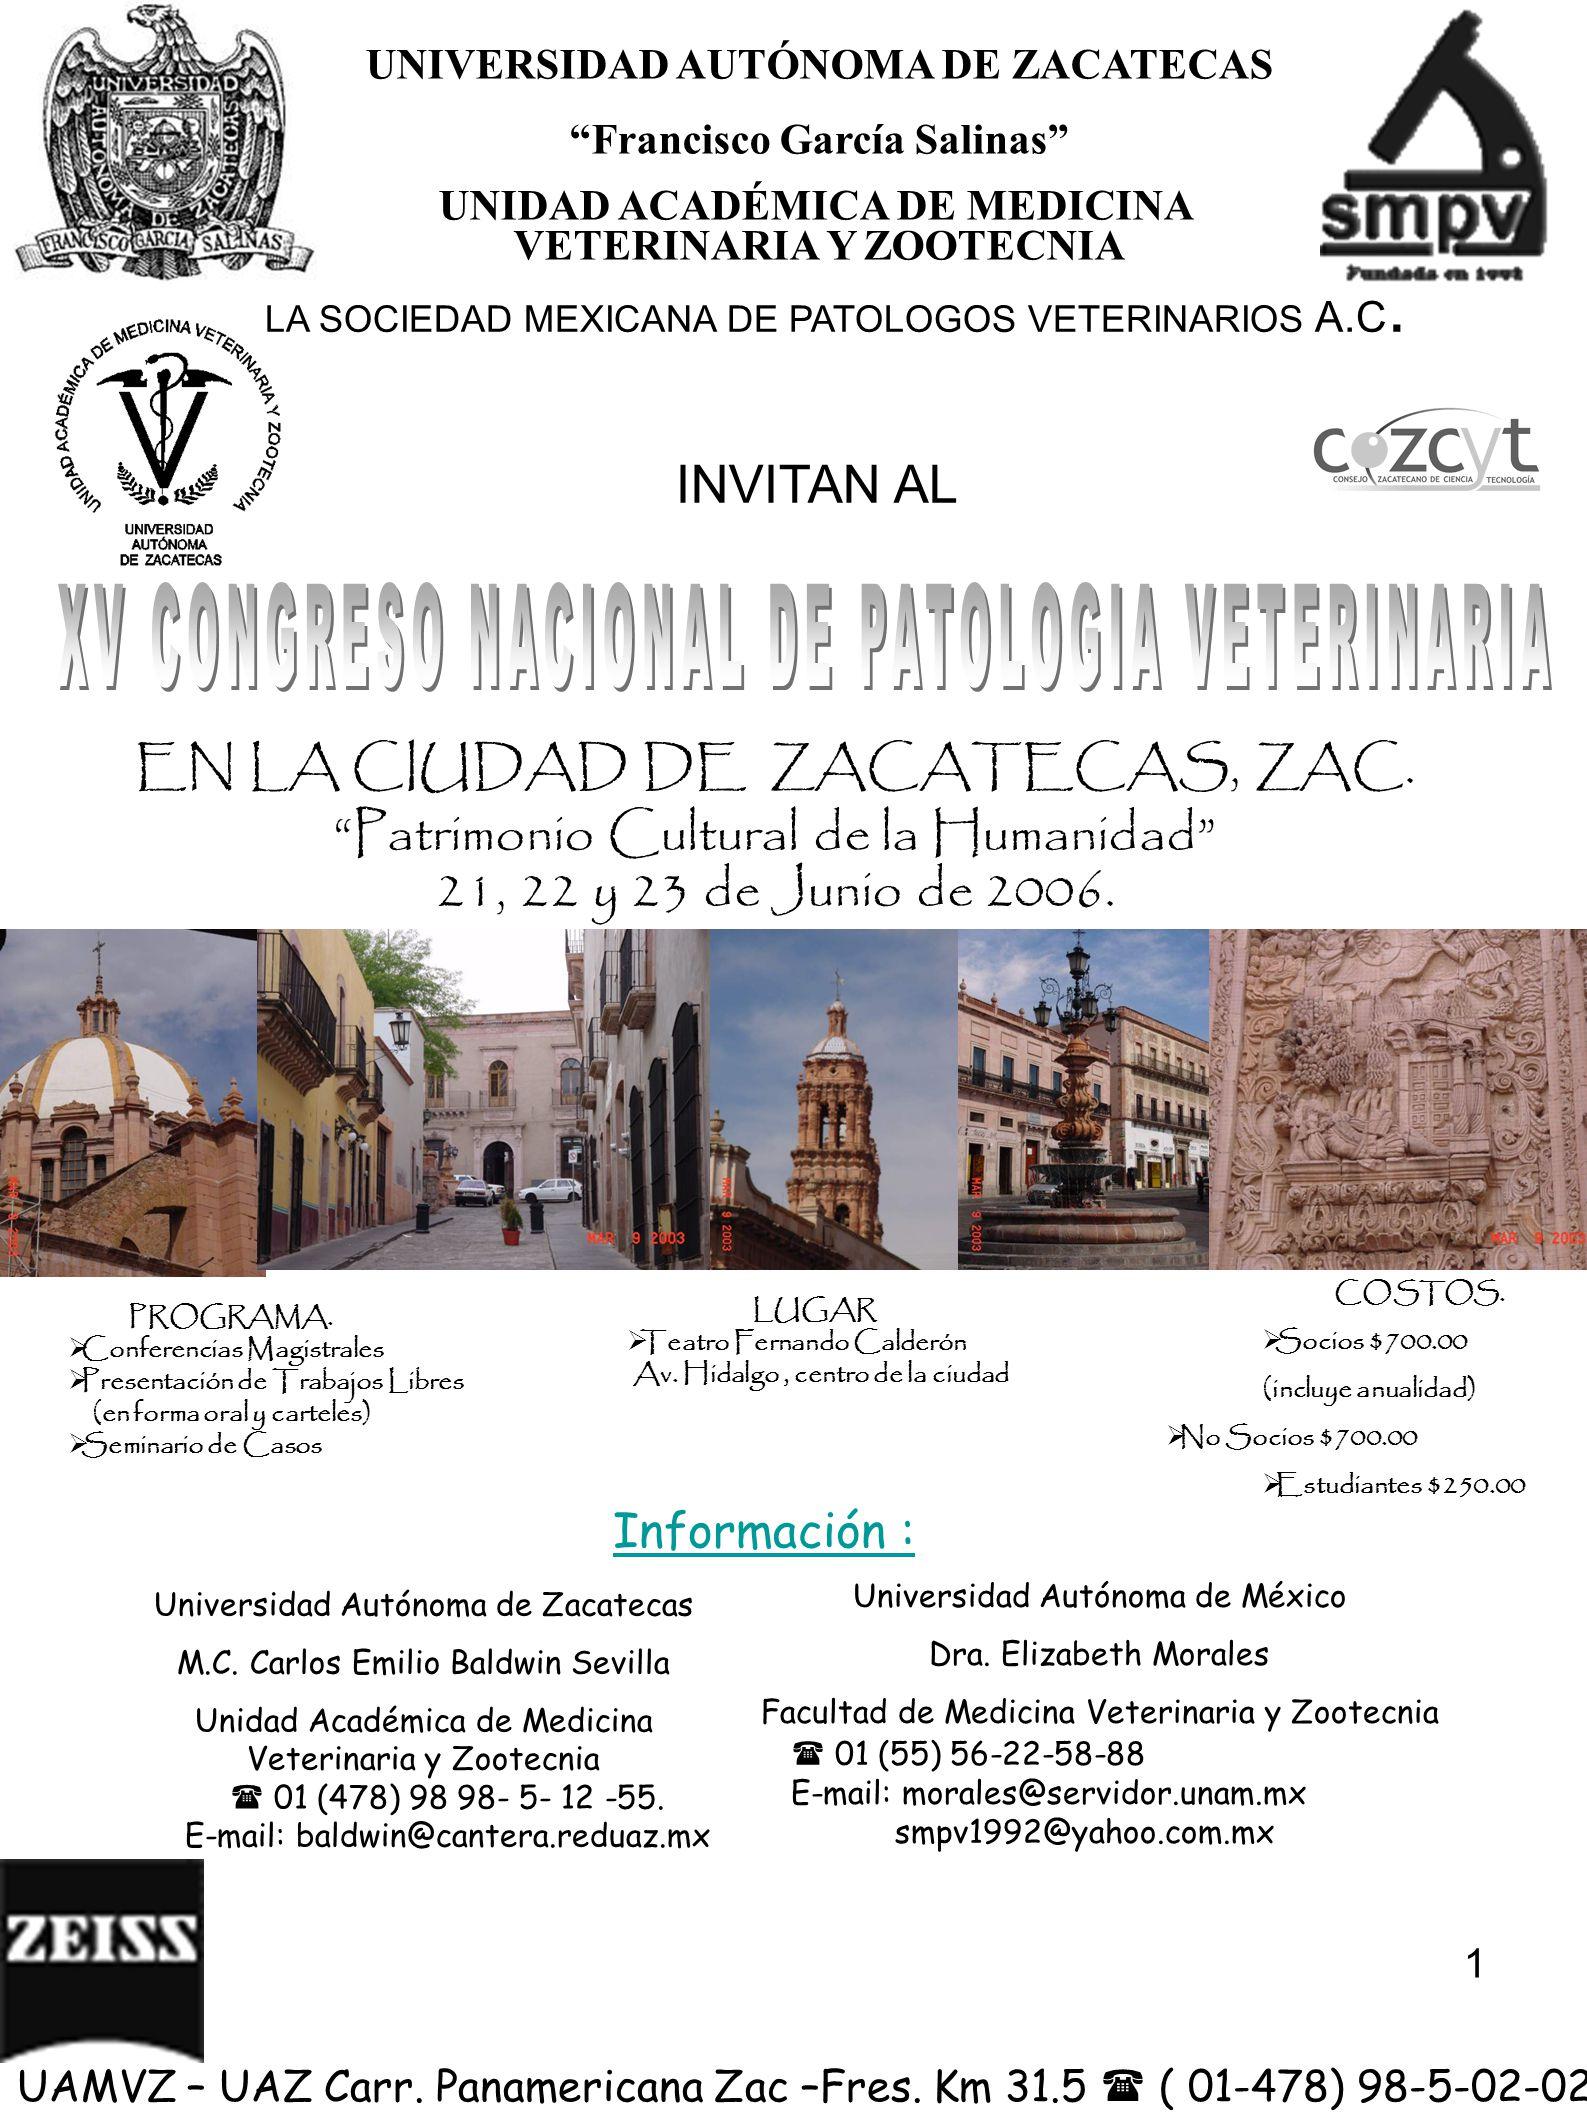 2 UNIVERSIDAD AUTÓNOMA DE ZACATECAS Francisco García Salinas UNIDAD ACADÉMICA DE MEDICINA VETERINARIA Y ZOOTECNIA INVITAN AL EN LA CIUDAD DE ZACATECAS, ZAC.